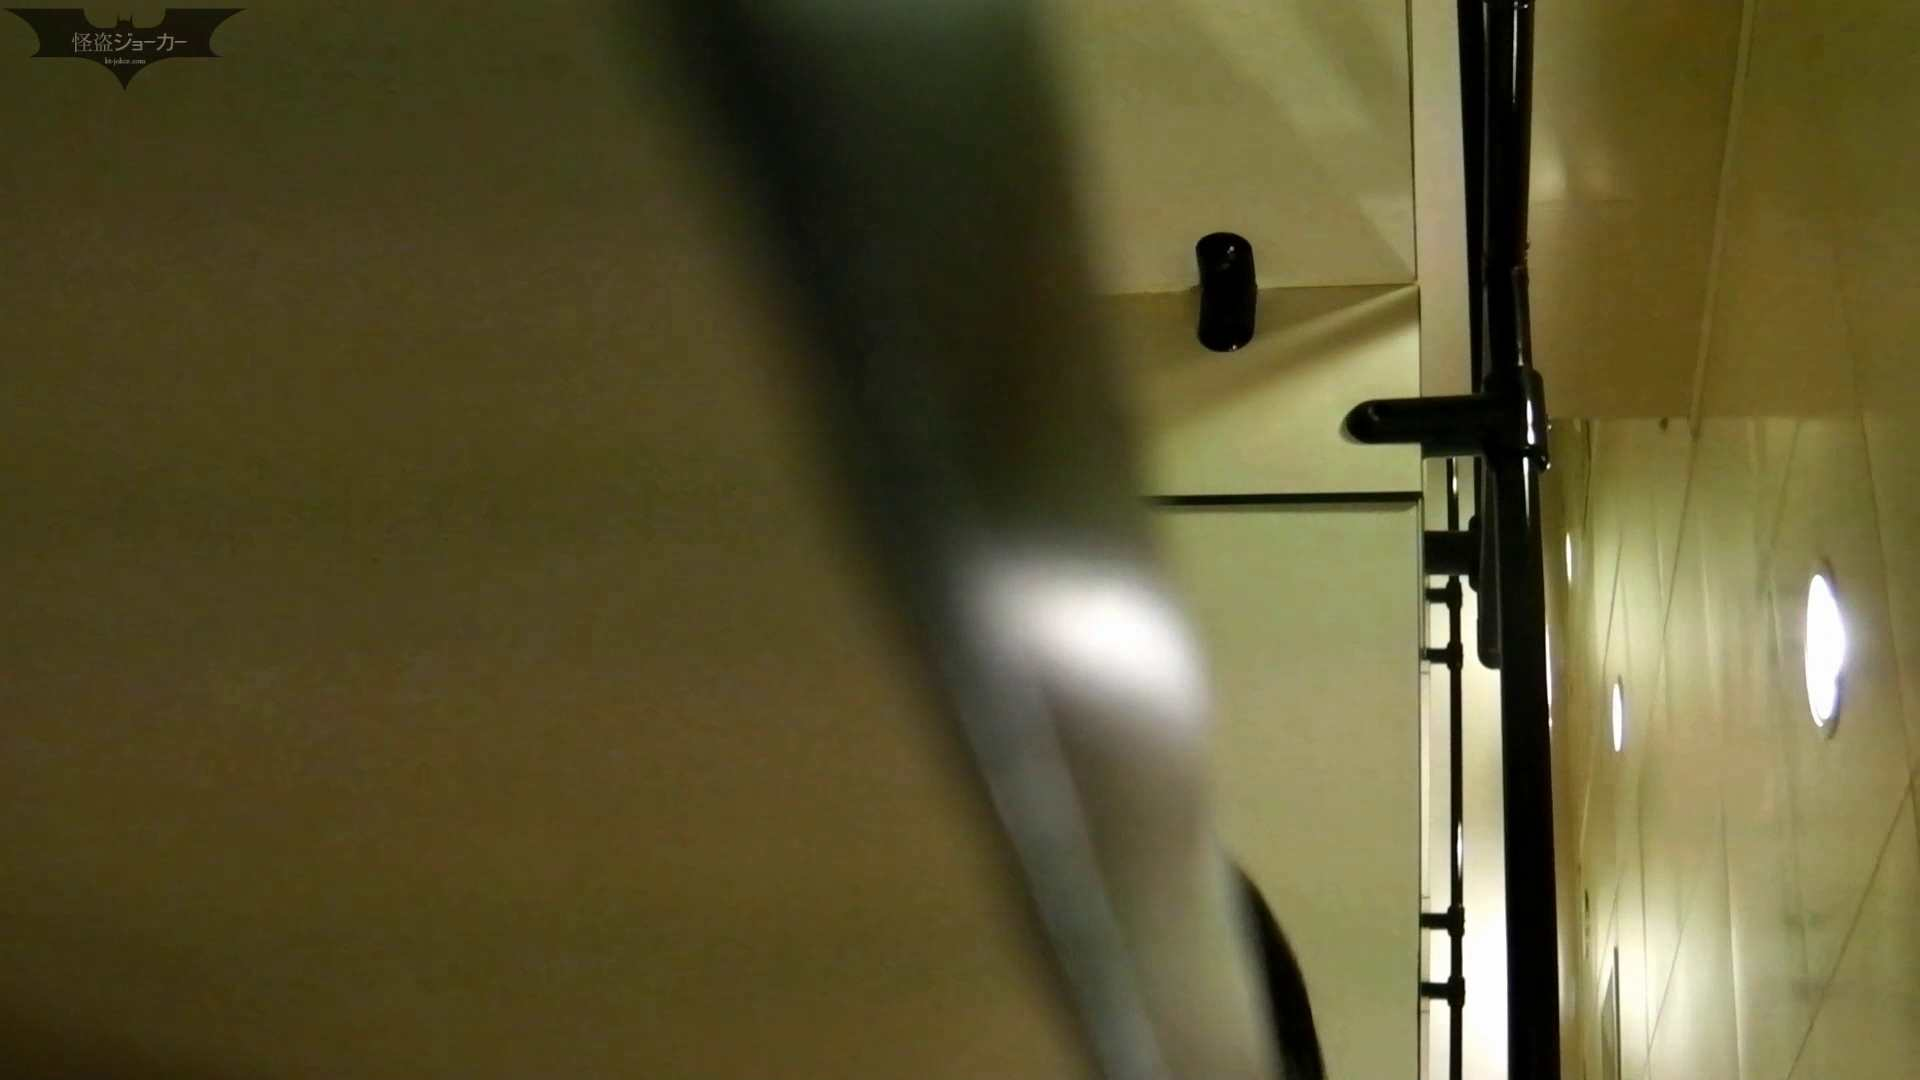 新世界の射窓 No56 ターゲットは「美女」 0  49連発 30